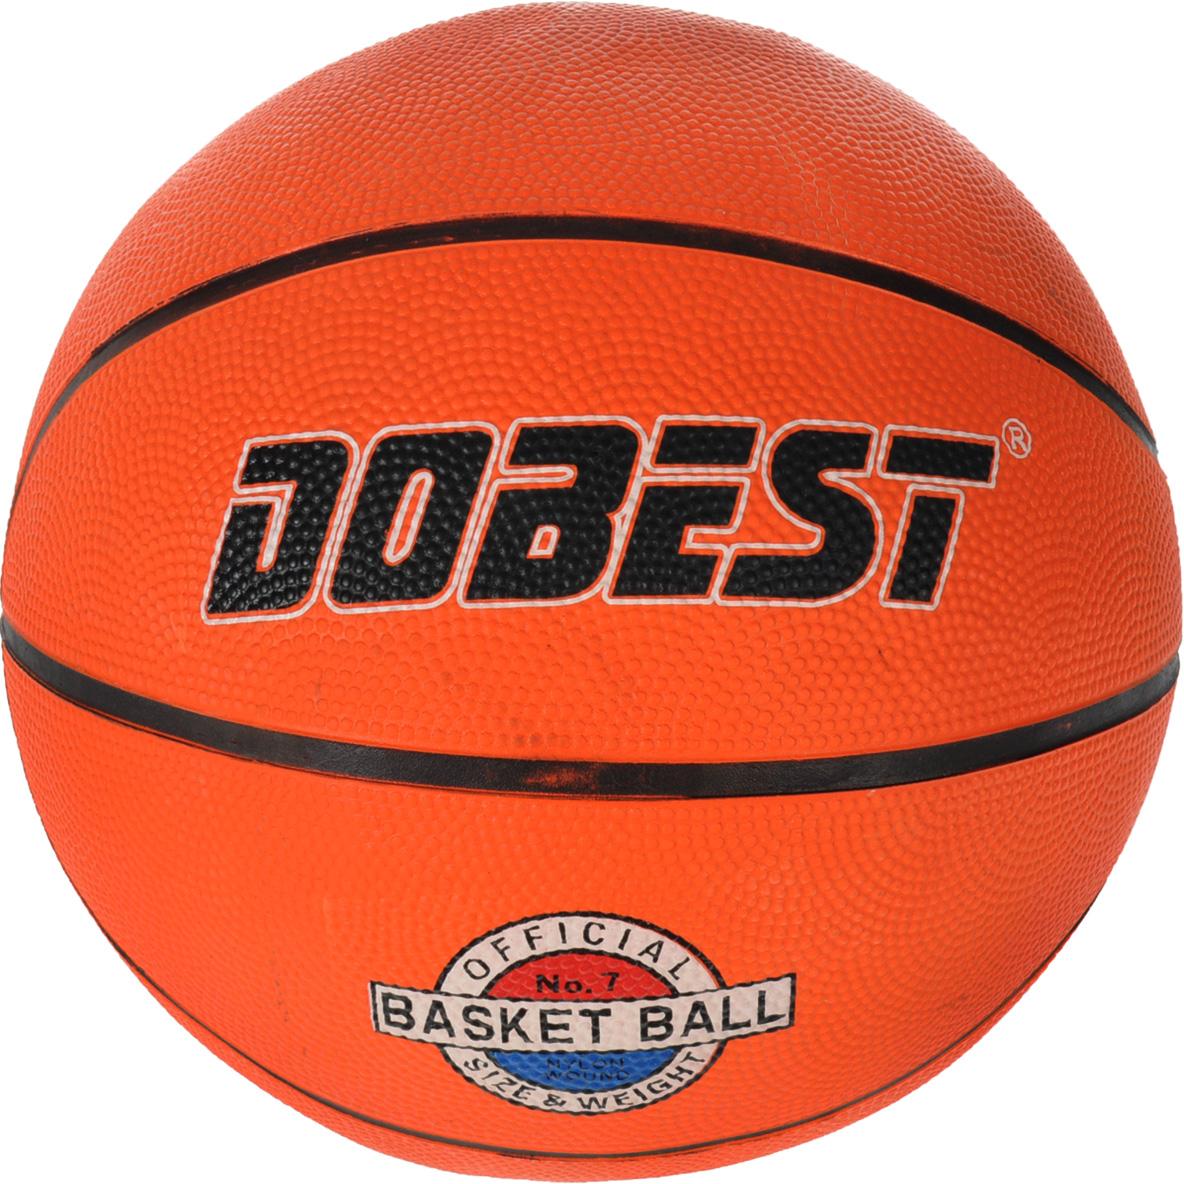 Мяч баскетбольный Dobest, цвет: оранжевый, черный, белый. Размер 7RB7-0886Мяч Dobest прекрасно подойдет для игры во всеми любимый, остающийся уже долгие годы актуальным, интересным и популярным видом спорта, баскетбол. Изделие выполнено из высококачественной прочной резины. Подходит для игры на улице и в зале.Ни для кого не секрет, что активные физические нагрузки очень полезны и нужны человеческому организму. А баскетбол, - это, пожалуй, одна из тех игр, в которых активно работают практически все мышцы тела, тренируются лёгкие, выносливость.Вес: 600 г.Количество панелей: 8.Количество слоев: 3.УВАЖЕМЫЕ КЛИЕНТЫ!Обращаем ваше внимание на тот факт, что мяч поставляется в сдутом виде. Насос не входит в комплект.